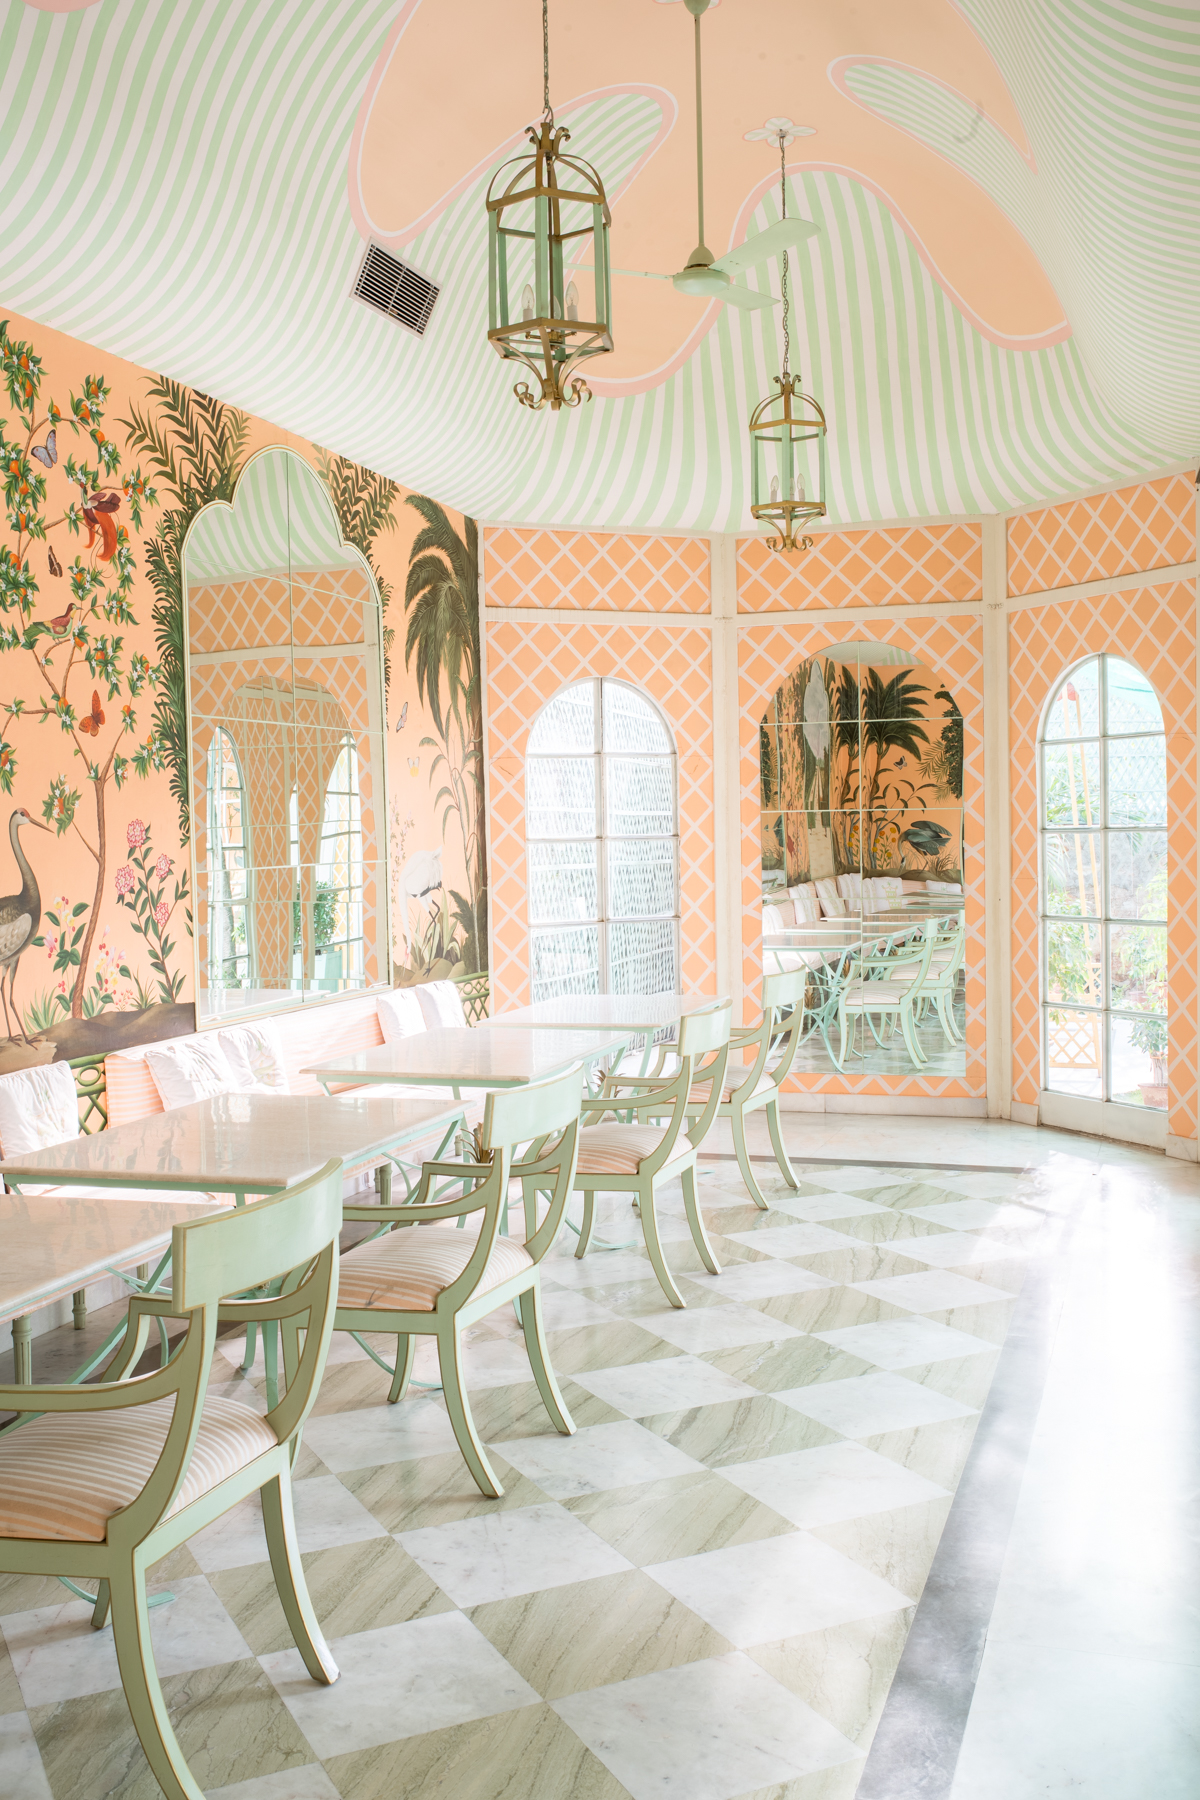 Stacie Flinner City Palace Jaipur 10 Best -62.jpg